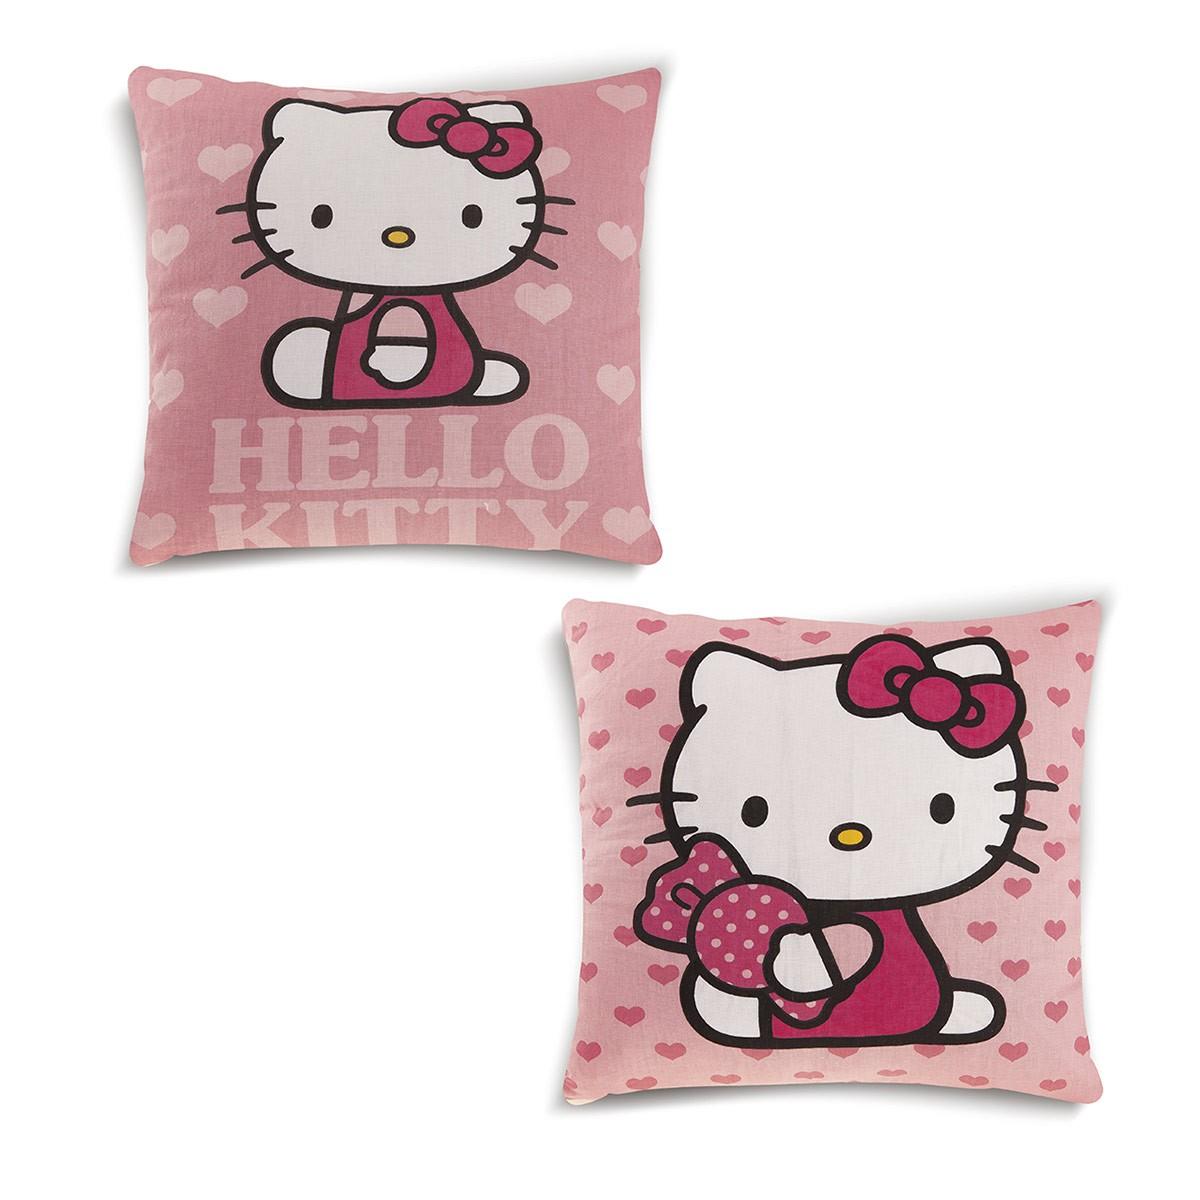 Διακοσμητικό Μαξιλάρι 2 Όψεων Dim Hello Kitty 01